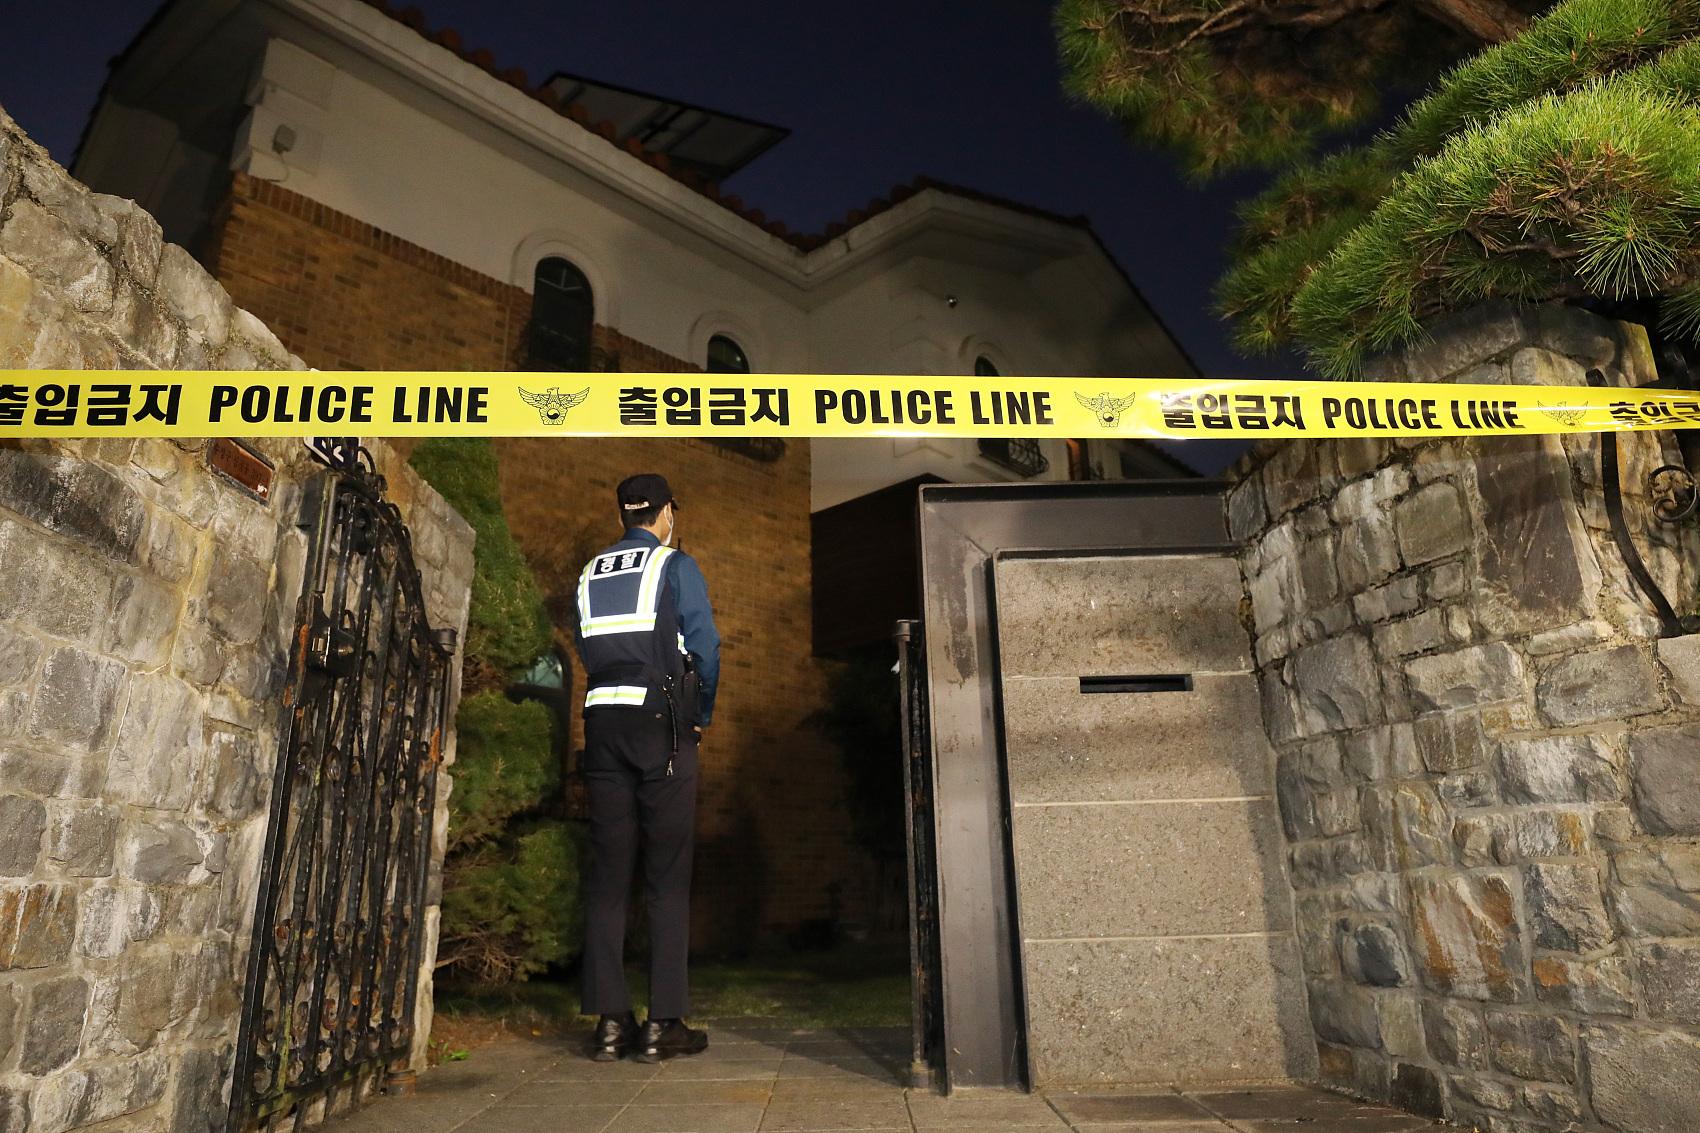 韩国艺人雪莉确认在家中死亡2005年至今韩国演艺界人士自杀超30名